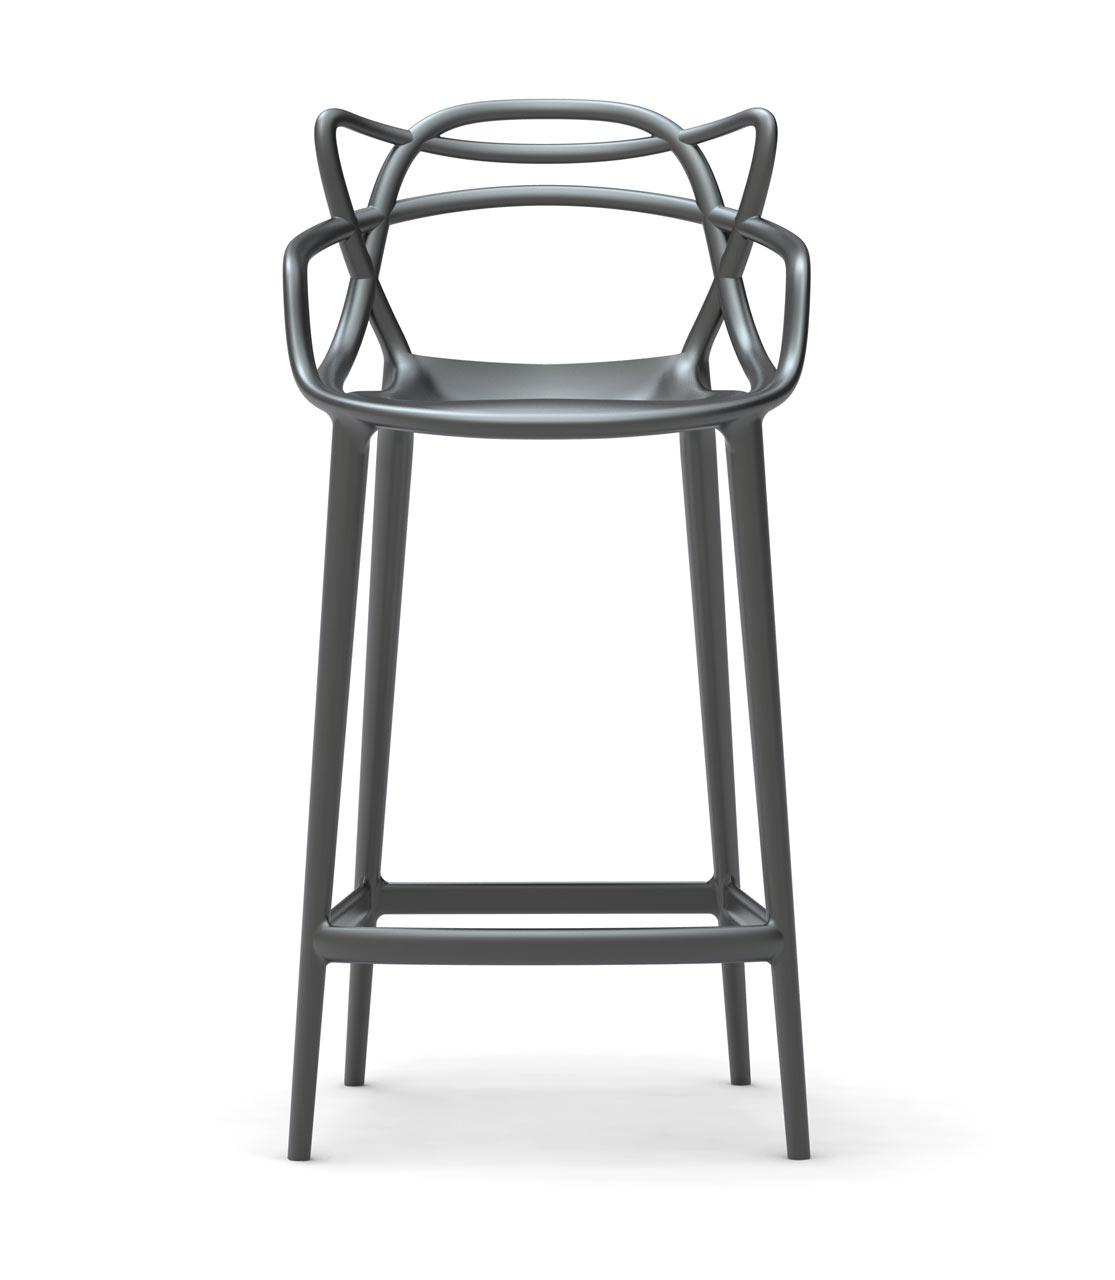 MASTERS-stool-for-Kartell-eugeni-quitllet-Starck-3